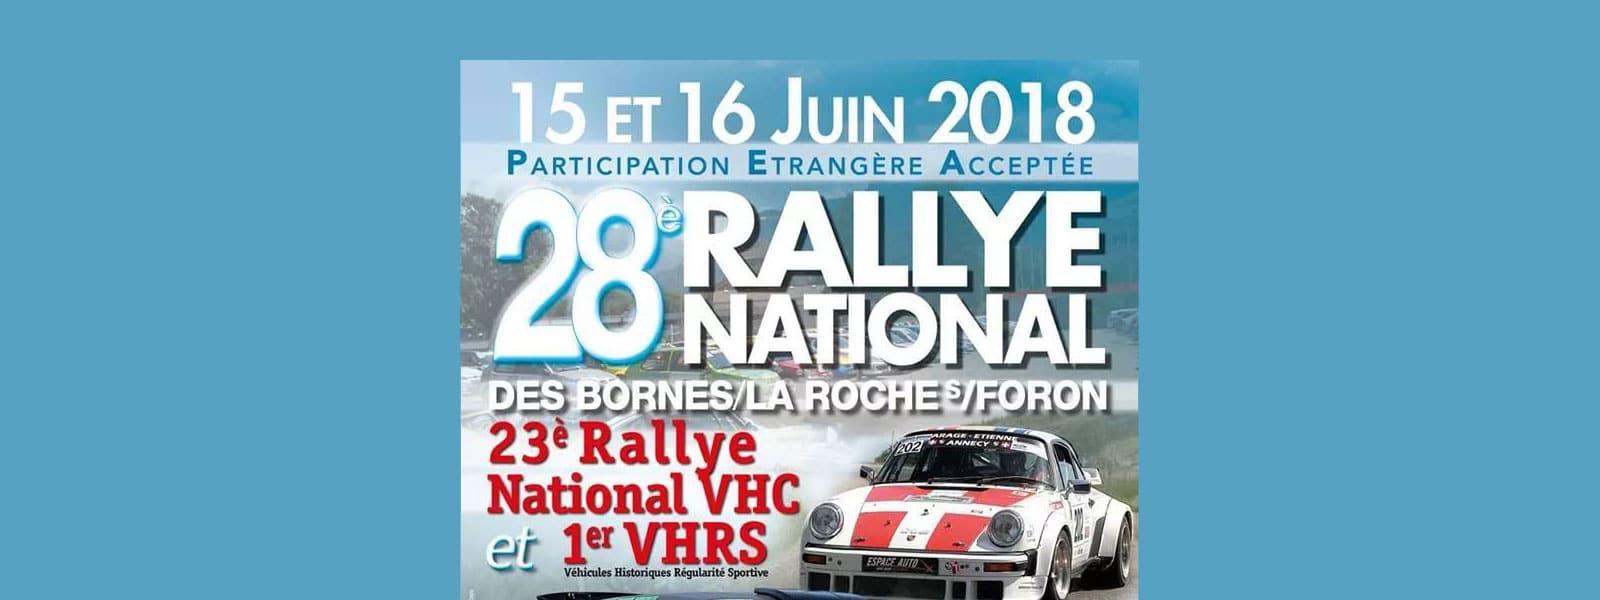 28ème rallye des Bornes/La Roche sur Foron